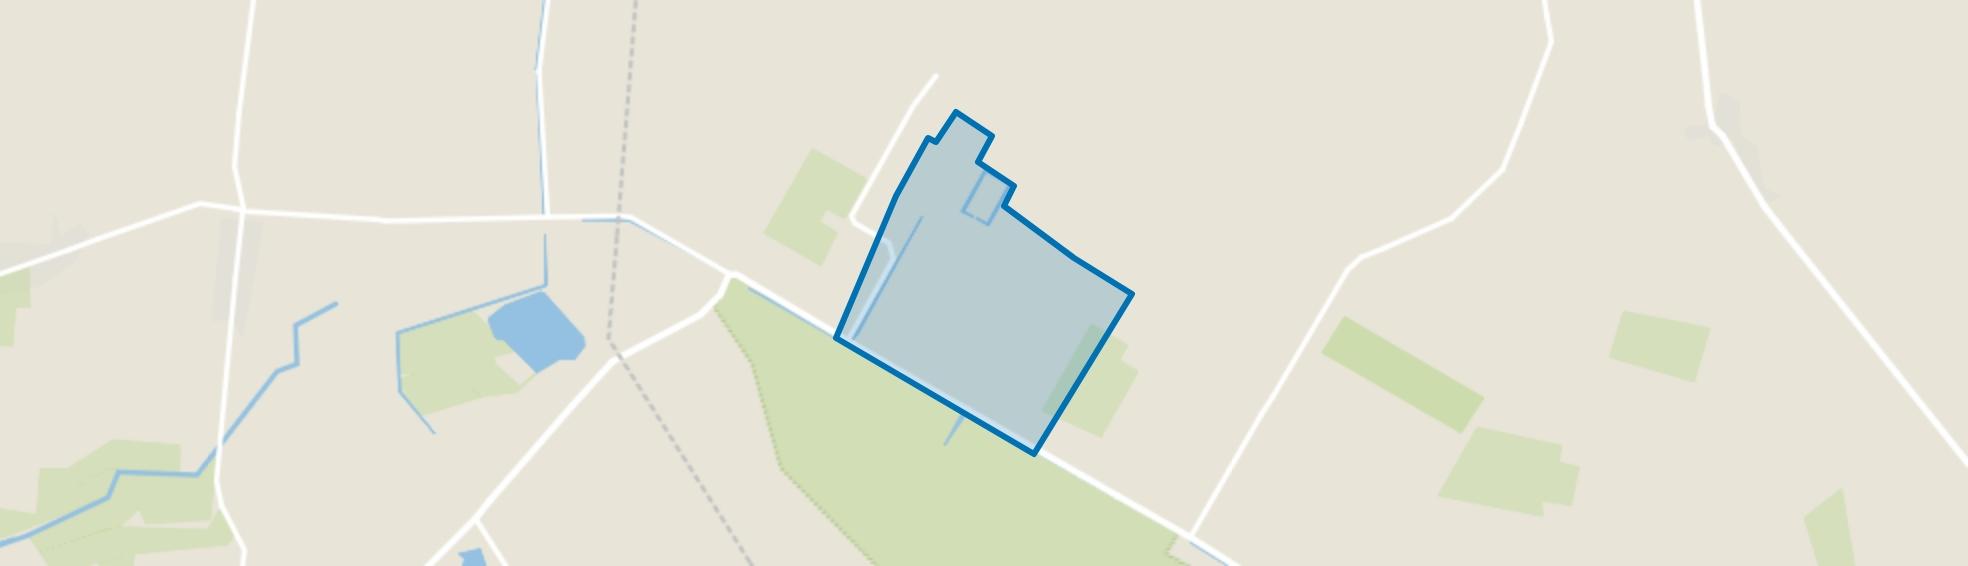 Veenhuizen, Veenhuizen map